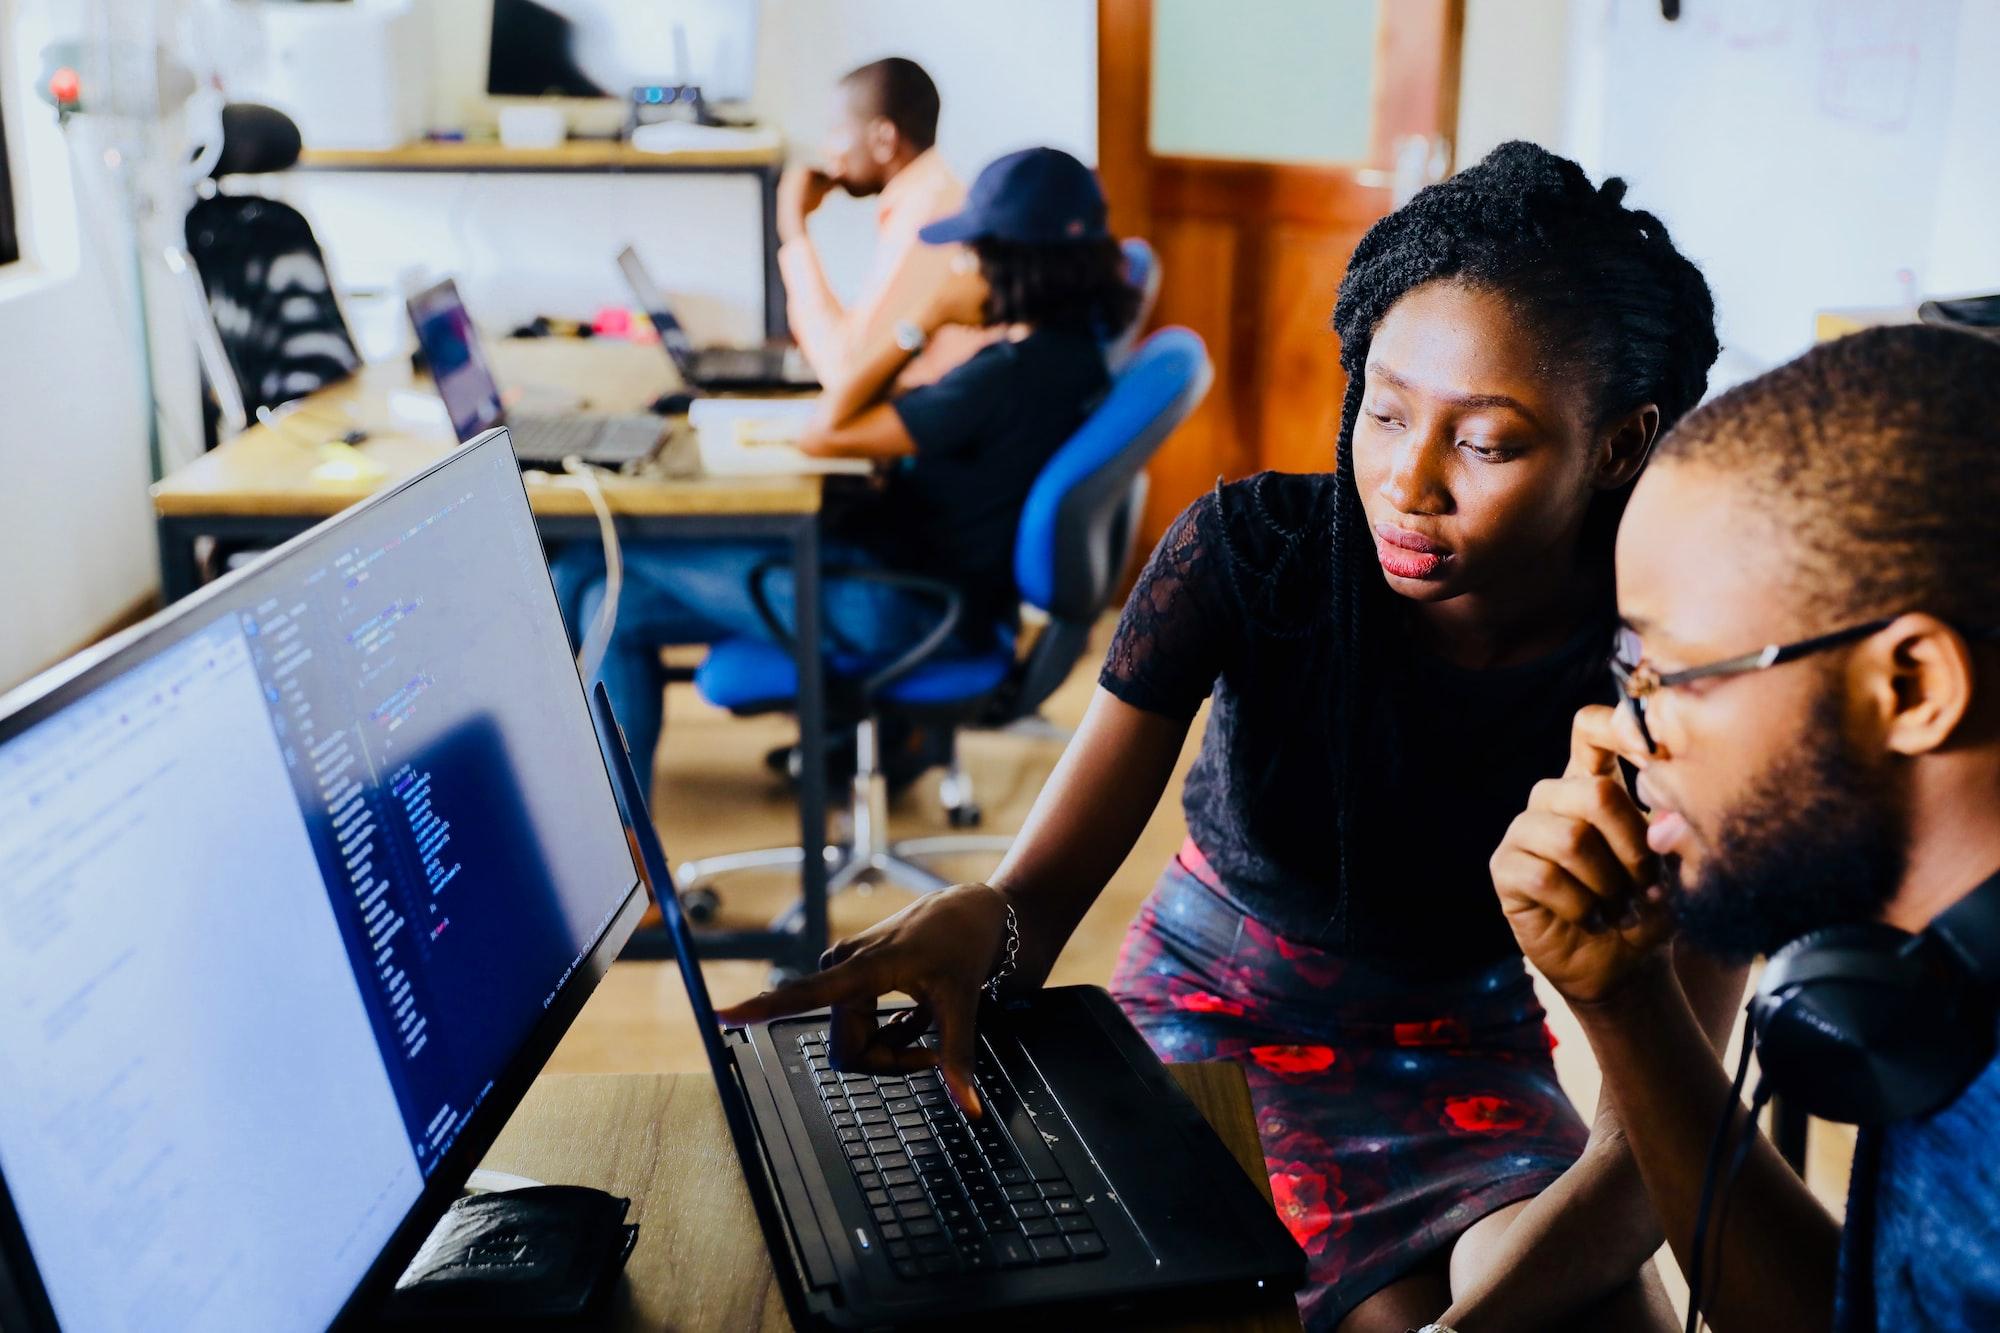 Um time de analytics formado por uma mulher e um homem, que estão sentados em frente a duas telas de computador, analisando dados. Os dois são negros, a mulher está de saia até os joelhos e uma blusa preta, apontando para algo no computador. O homem está de óculos, com um headphone no pescoço, olhando para onde a mulher está apontando.